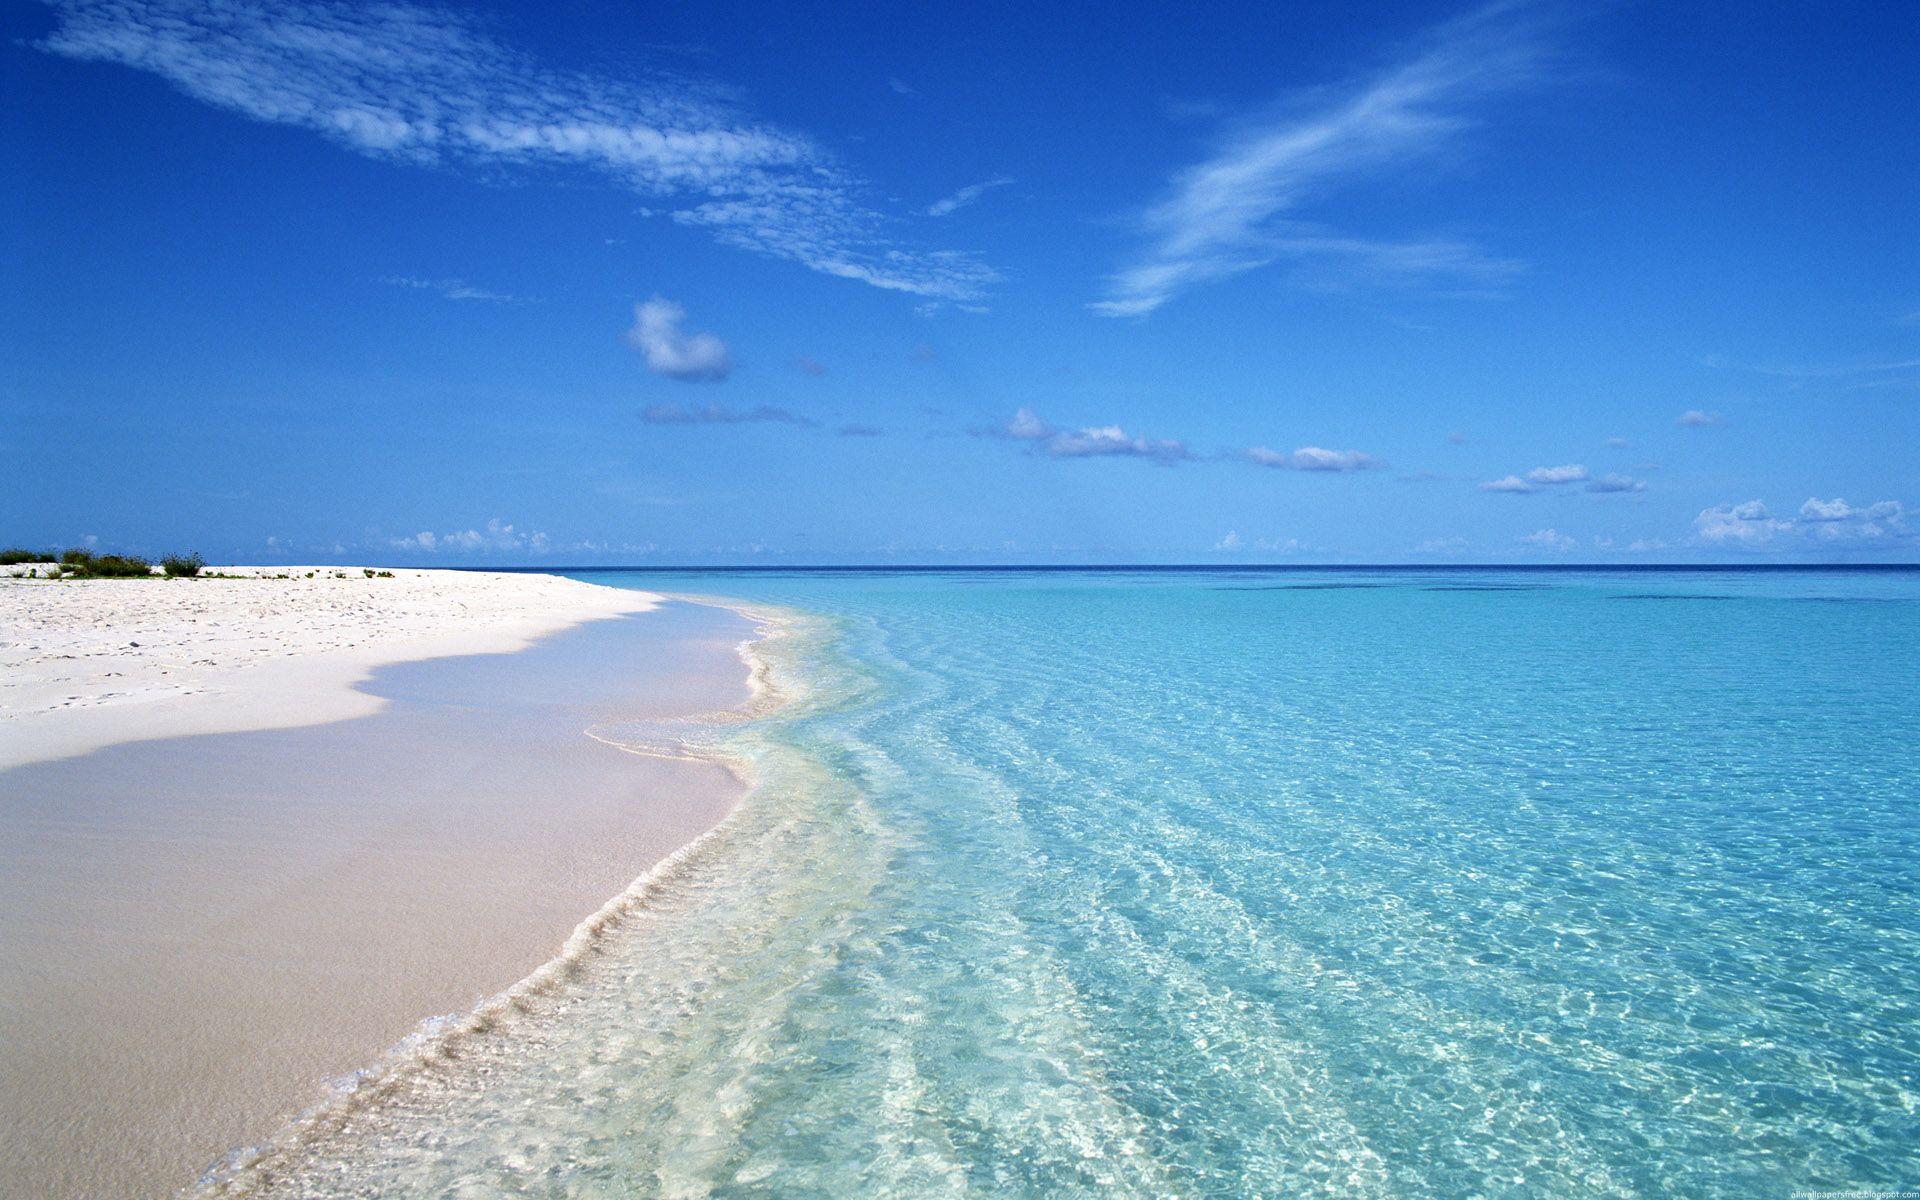 берег море shore sea  № 45637 бесплатно